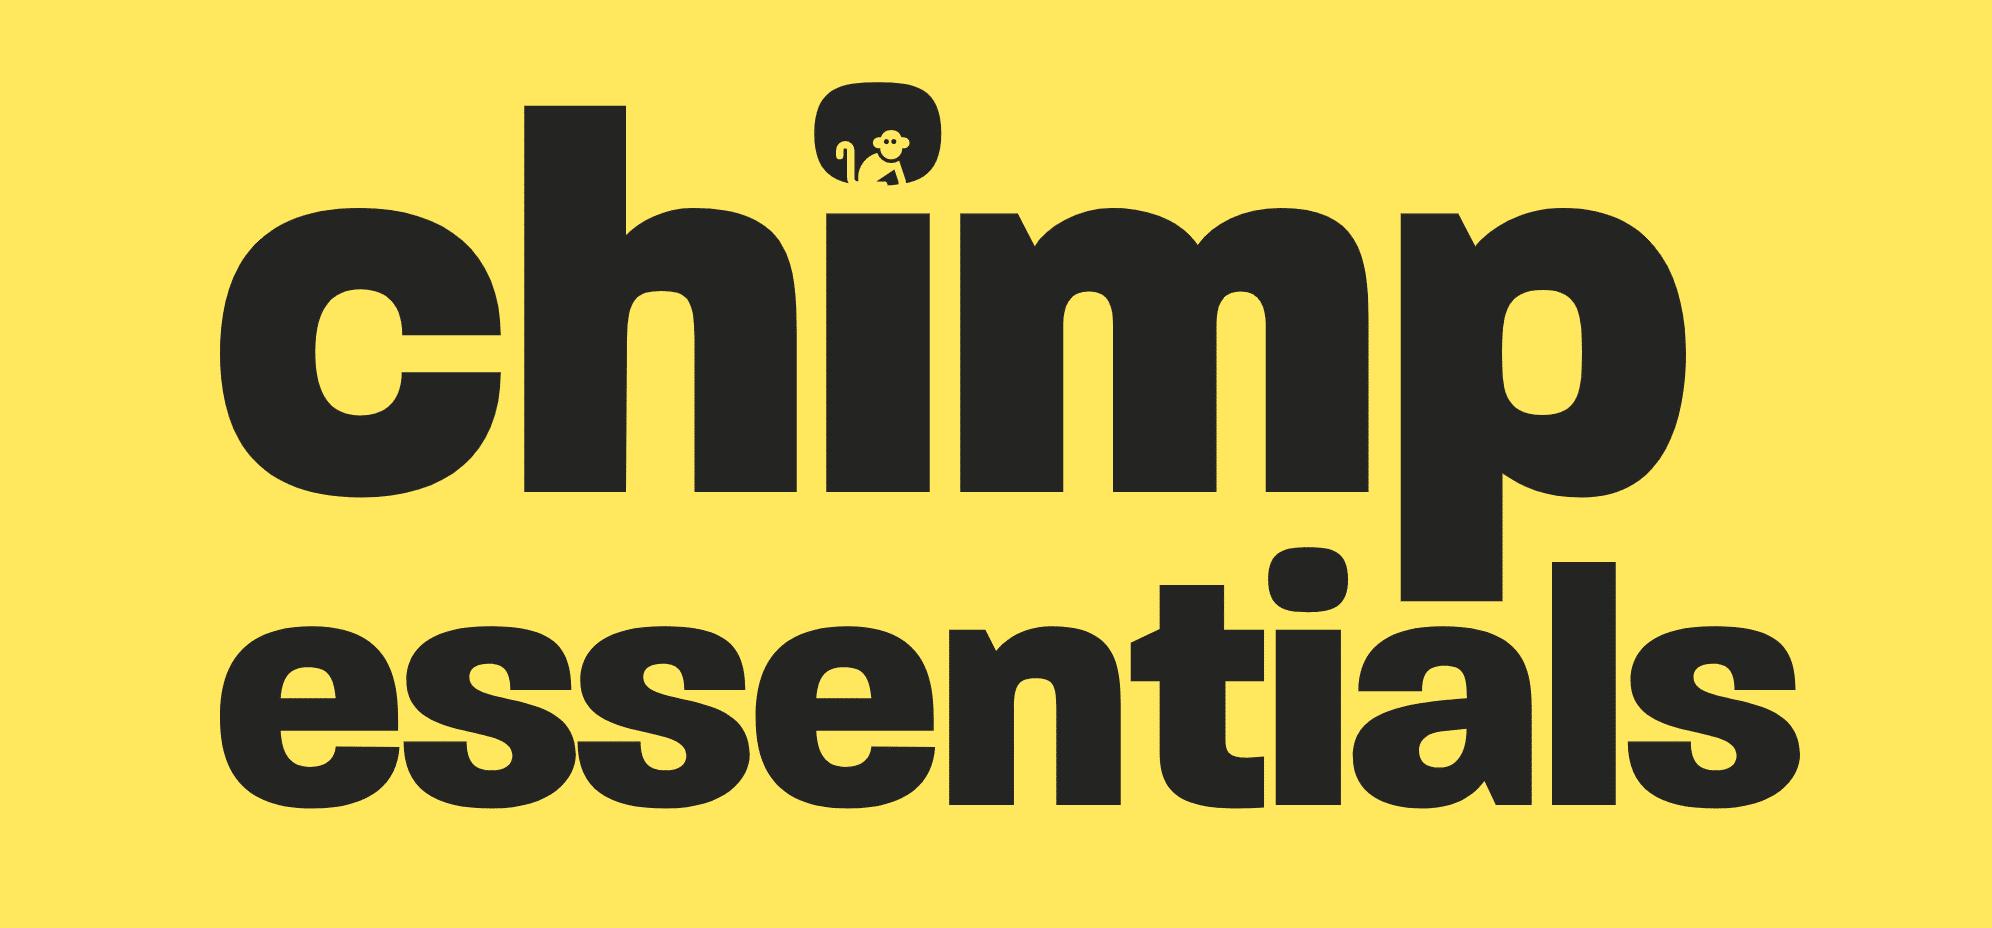 Chimp Essentials logo